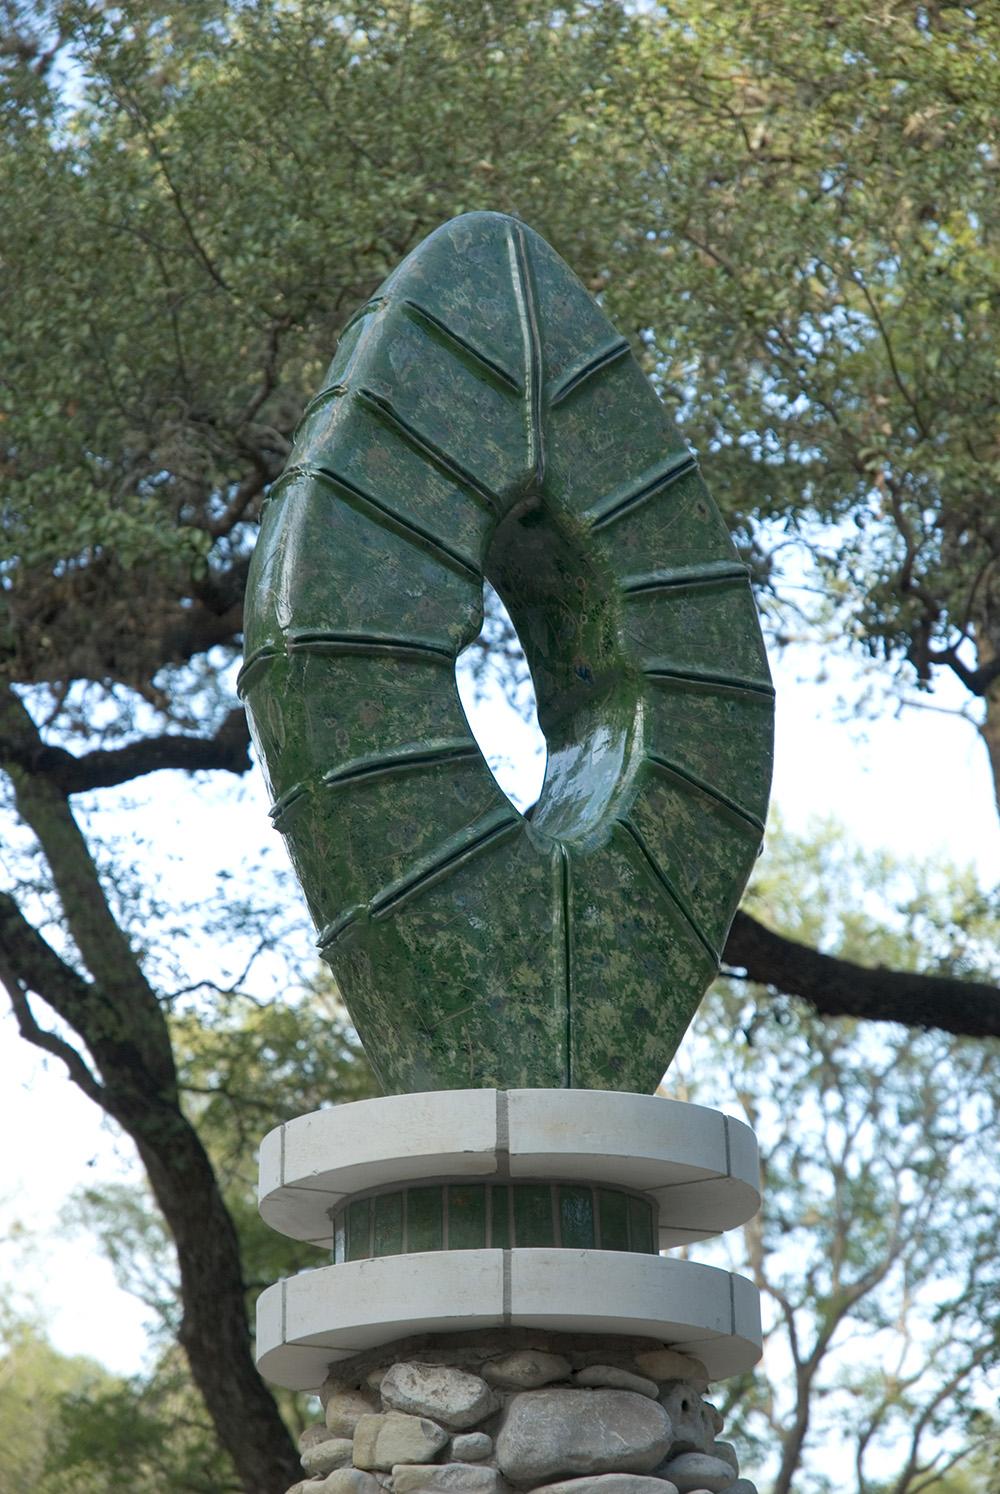 Quercus-1000px.jpg